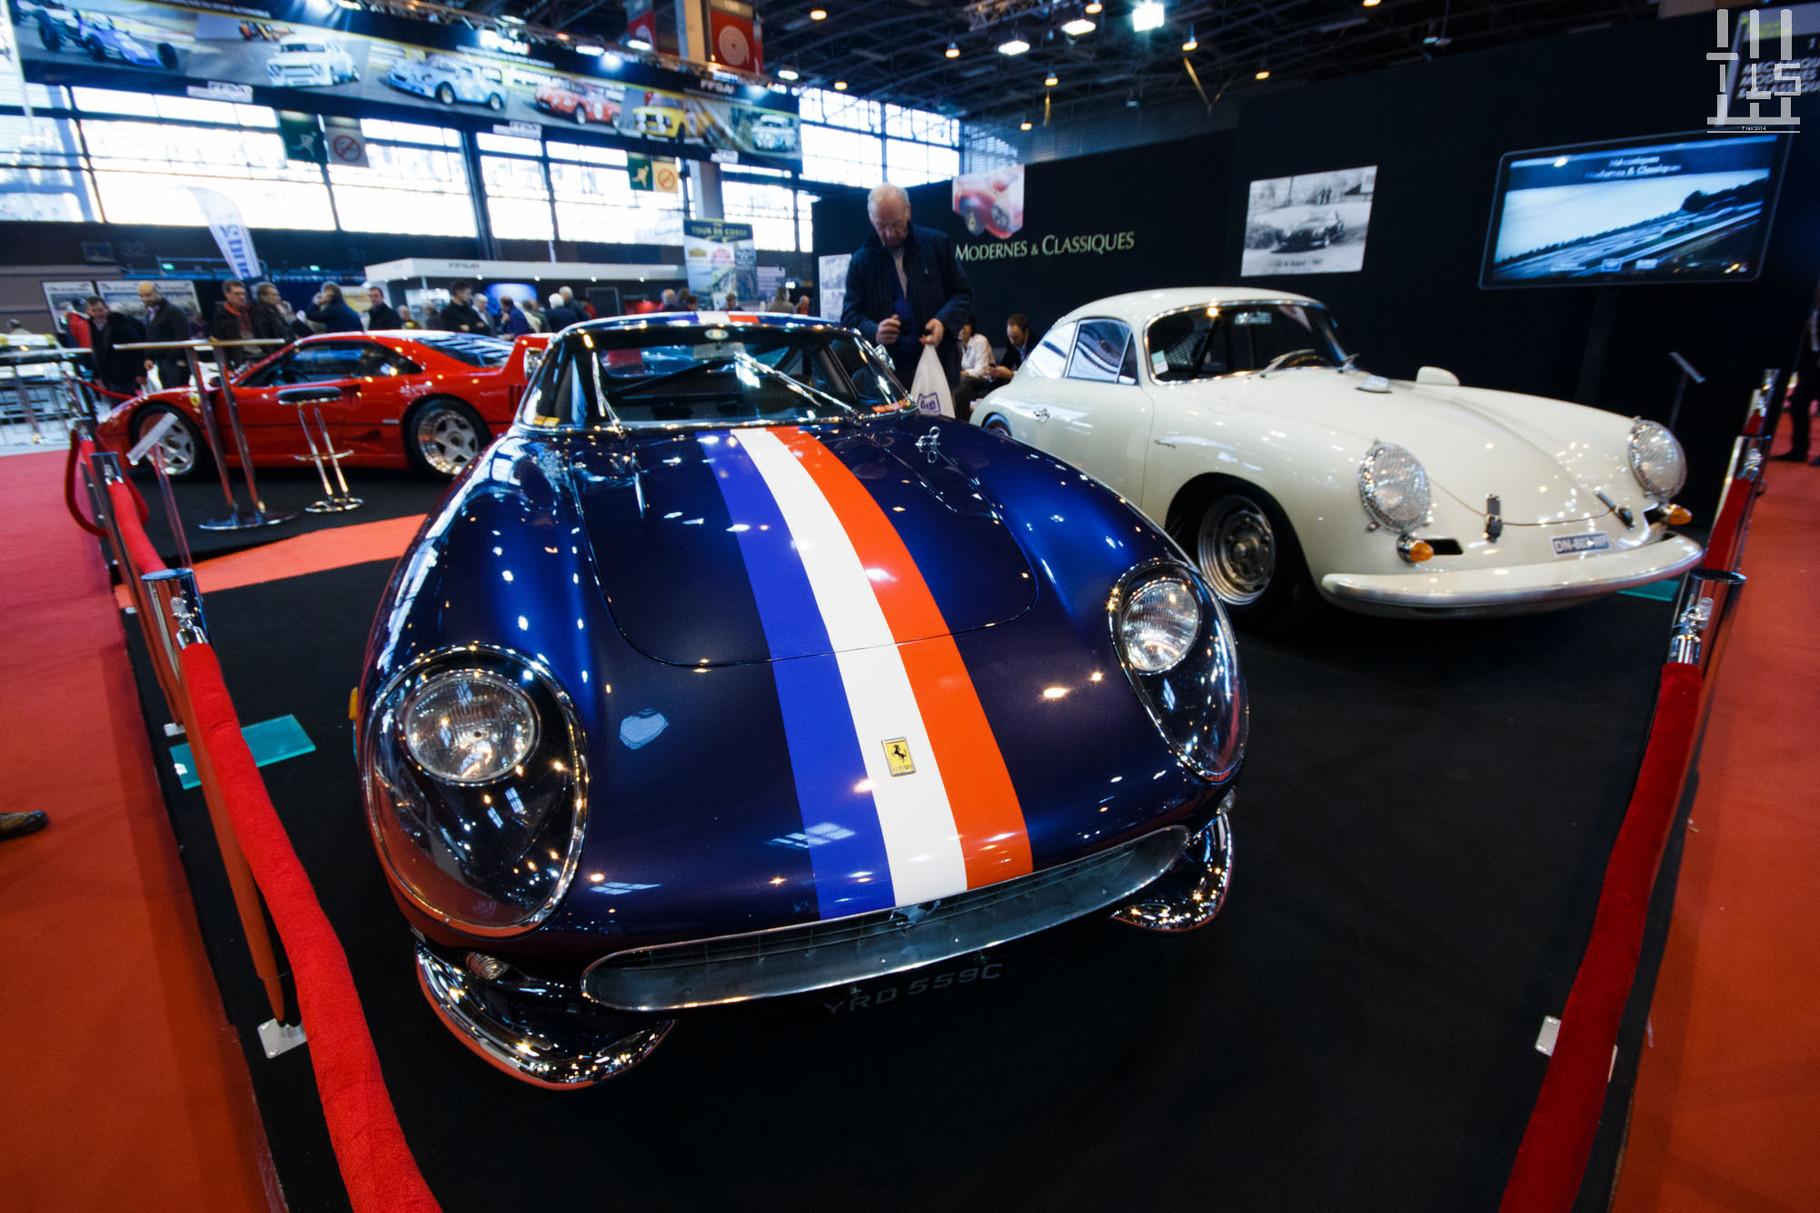 Passage chez MMC Paris qui présente des autos ayant chacune leur pedigree : historique de compétition pour la 275 GTB, 6000 kms d'origine pour la F40, une version Carrera de la 356.